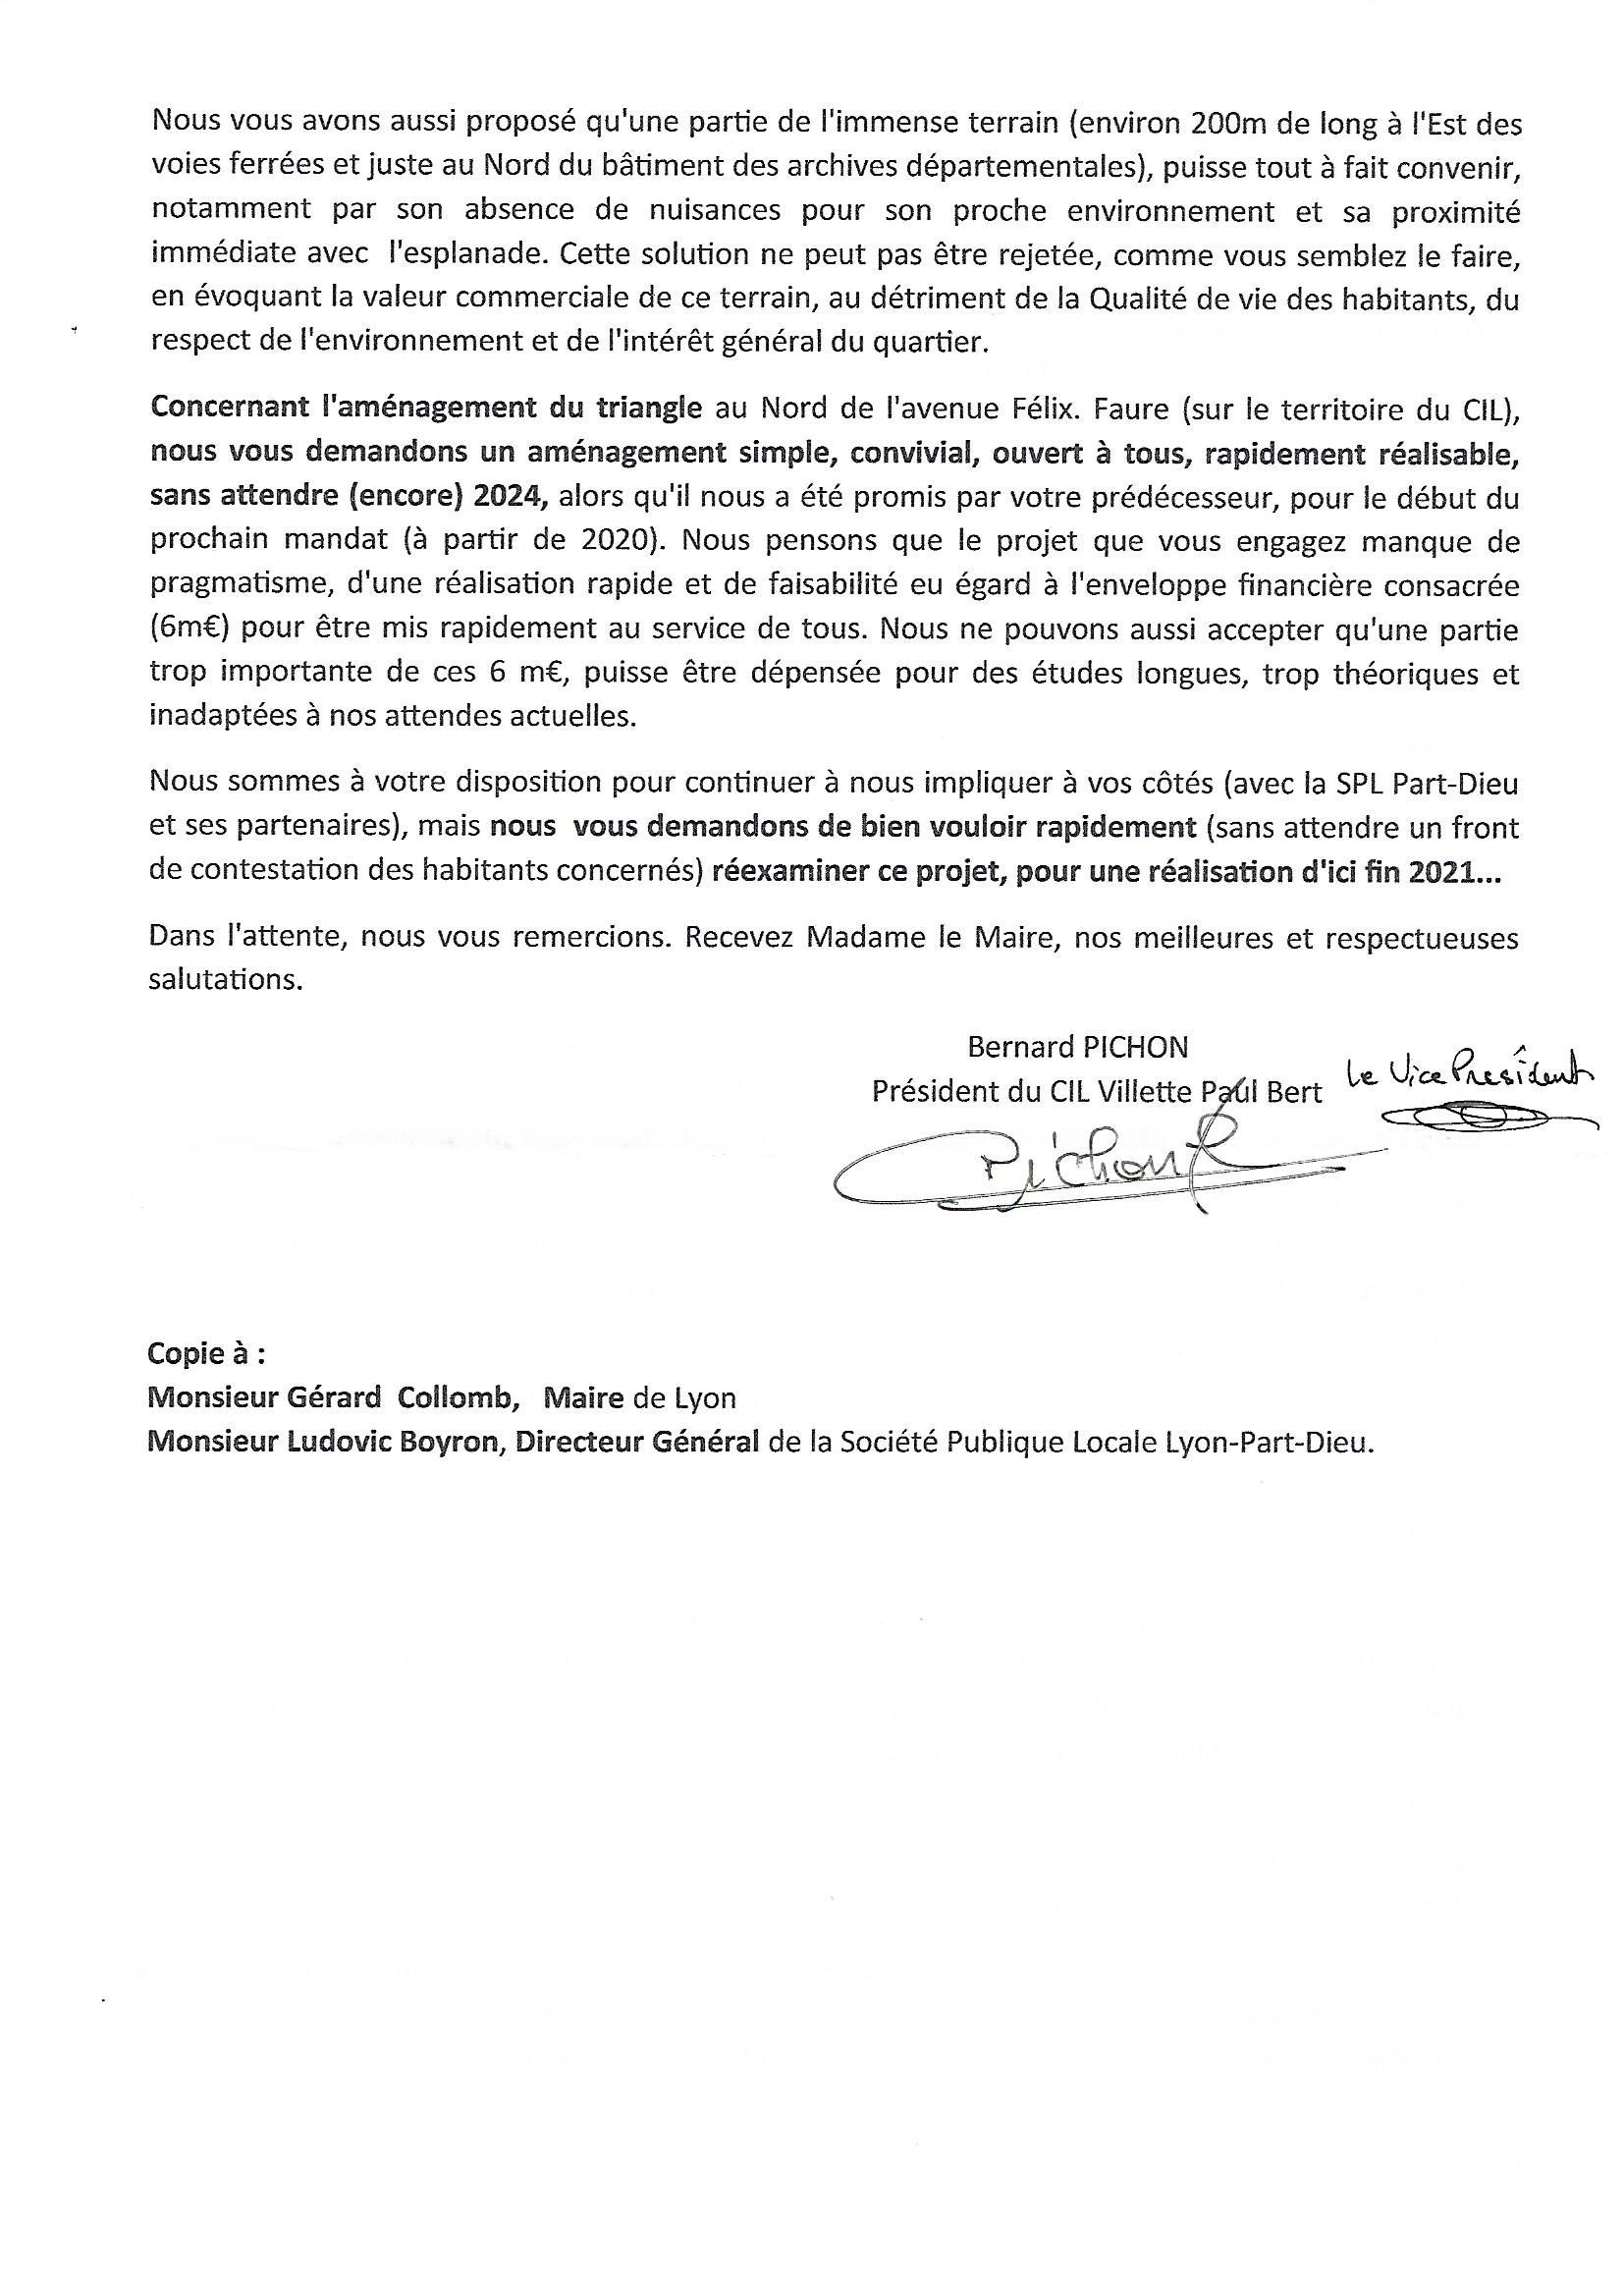 Courrier du CIL concertation projet Esplanade Nelson Mandela_0002